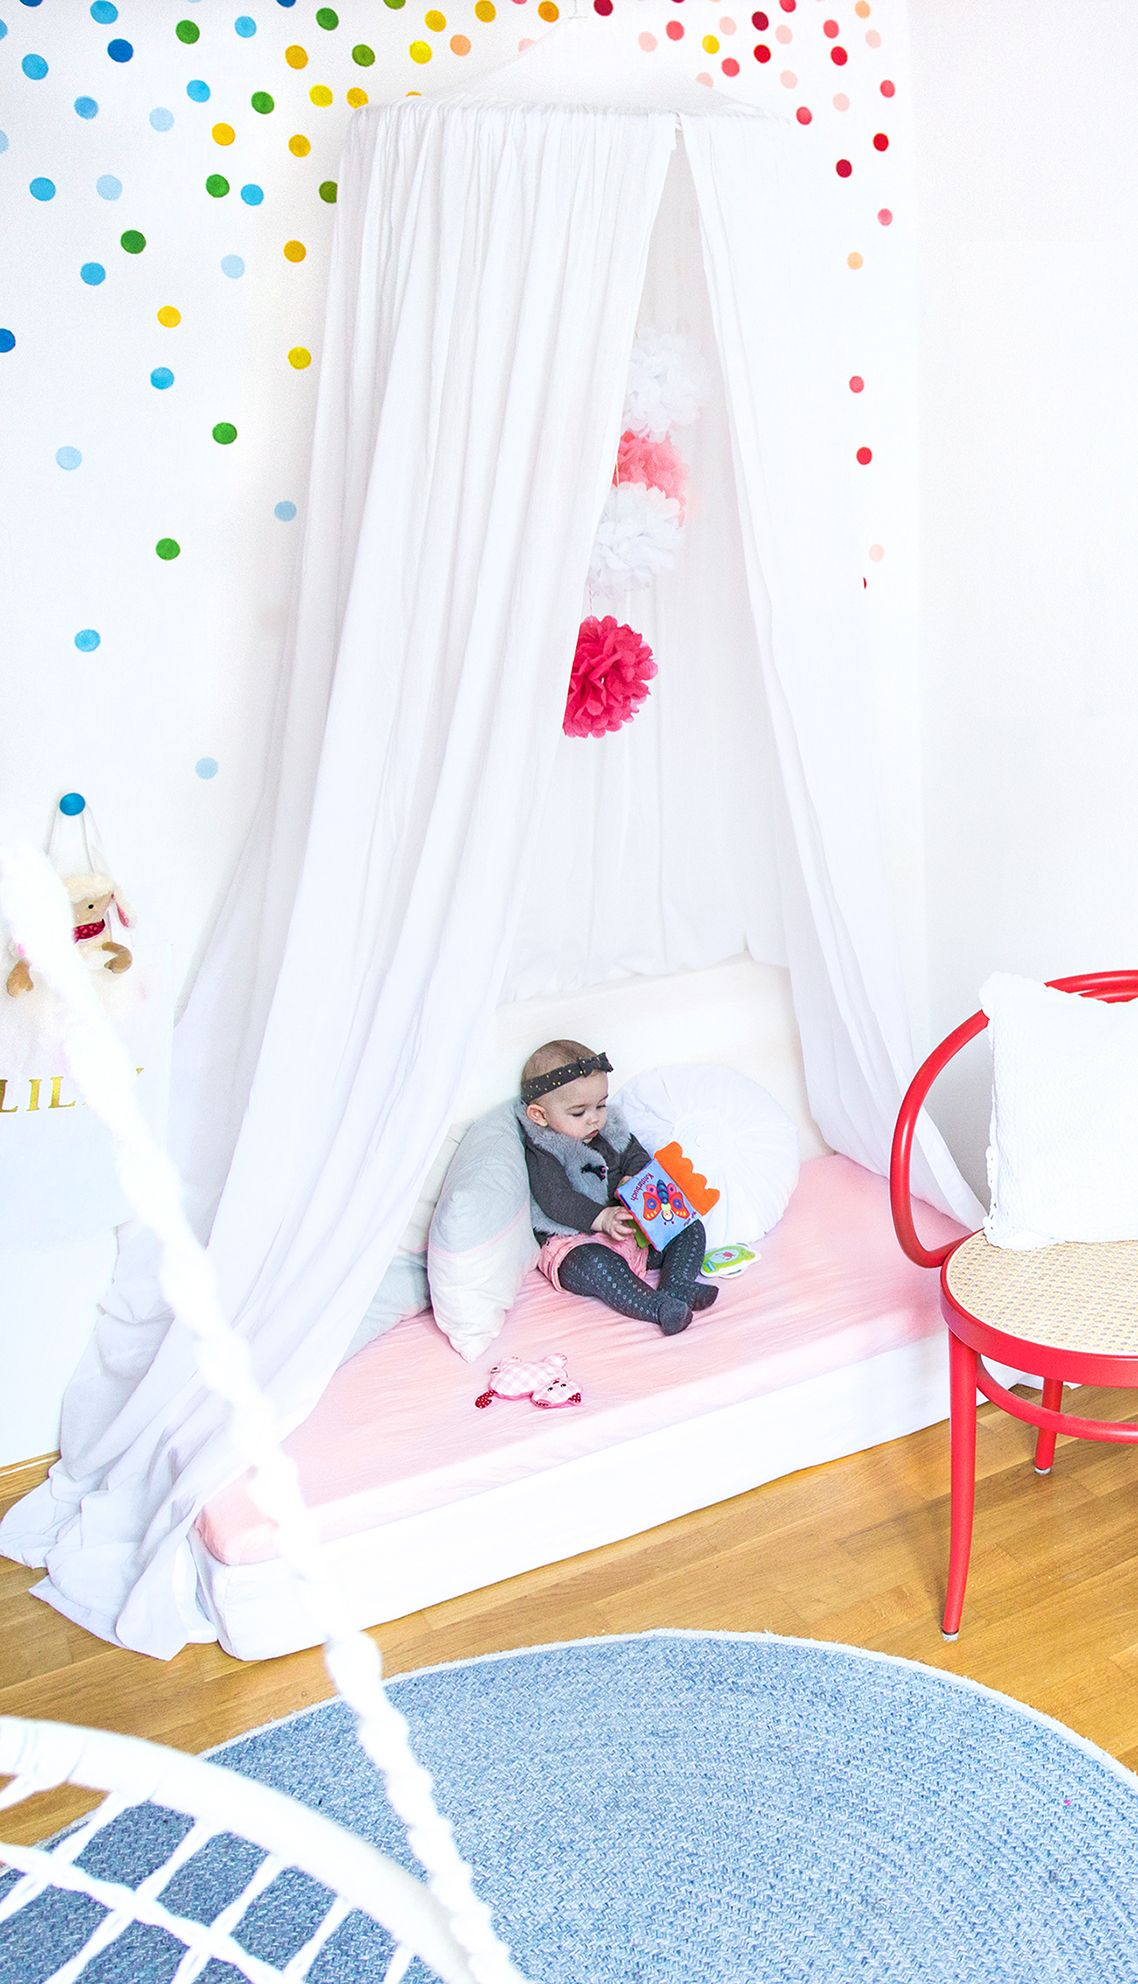 Kinderzimmer ideen meine drei liebsten diy tipps f r eine g nstige einrichtung kid 39 s room - Diy wandgestaltung ...